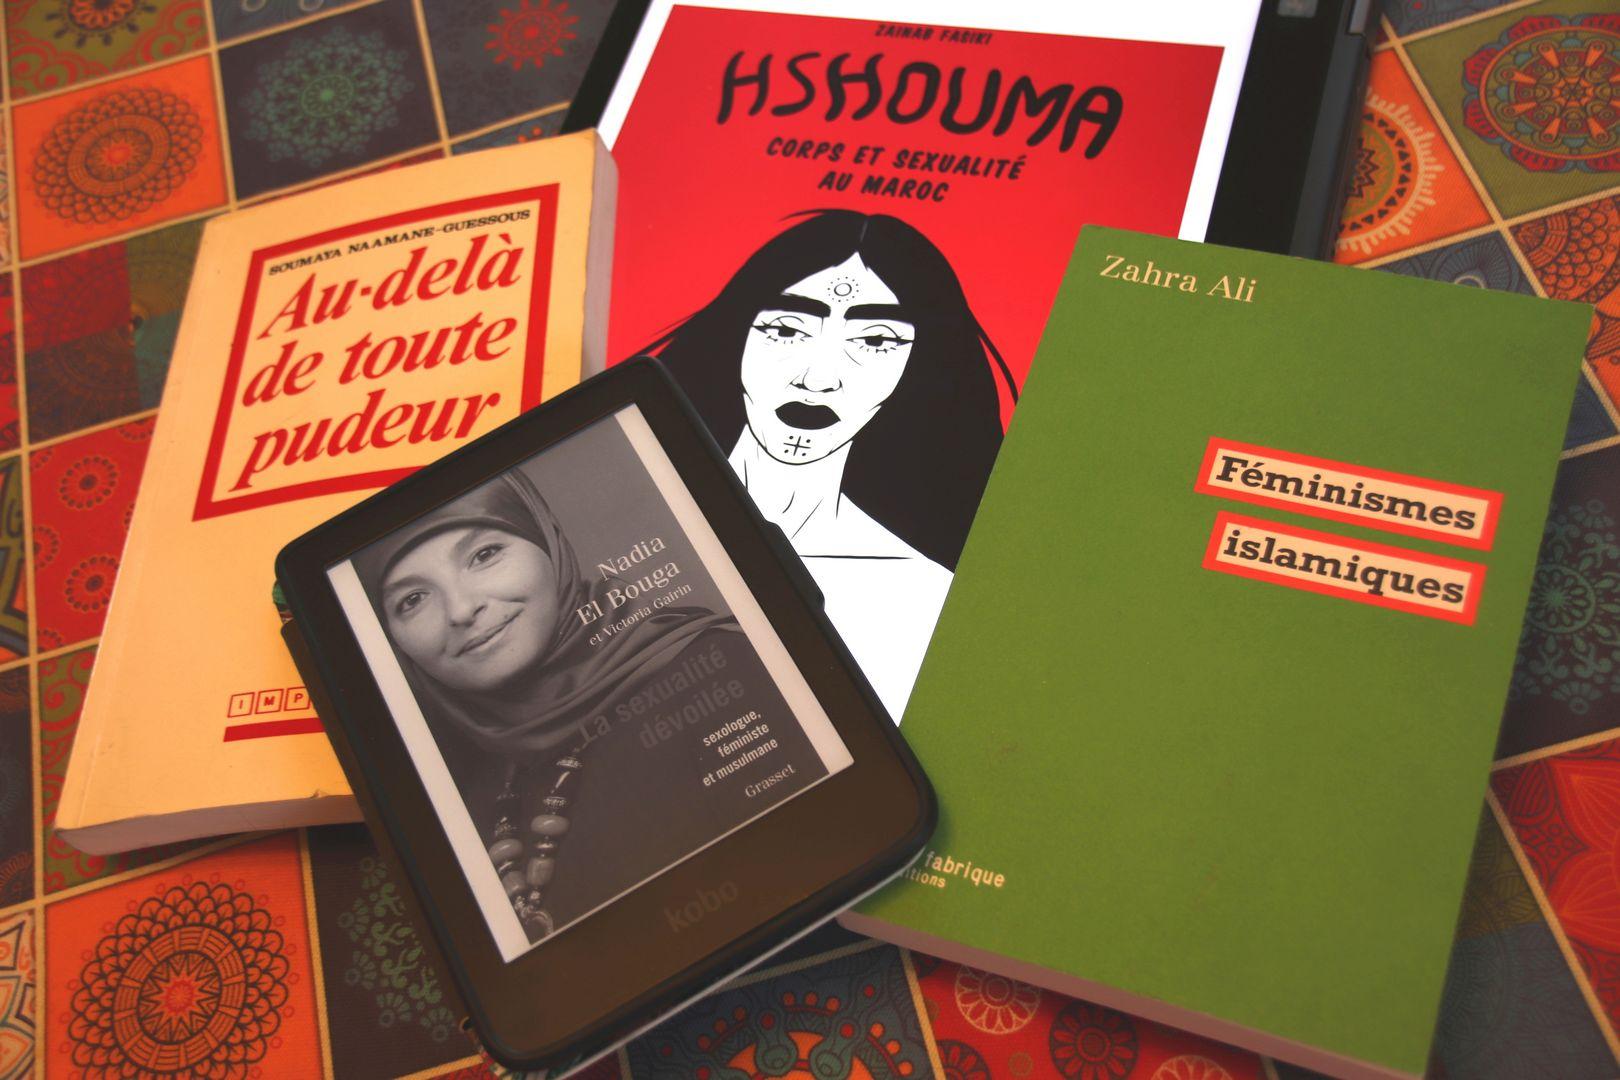 Livres étalés pour recherche documentaire